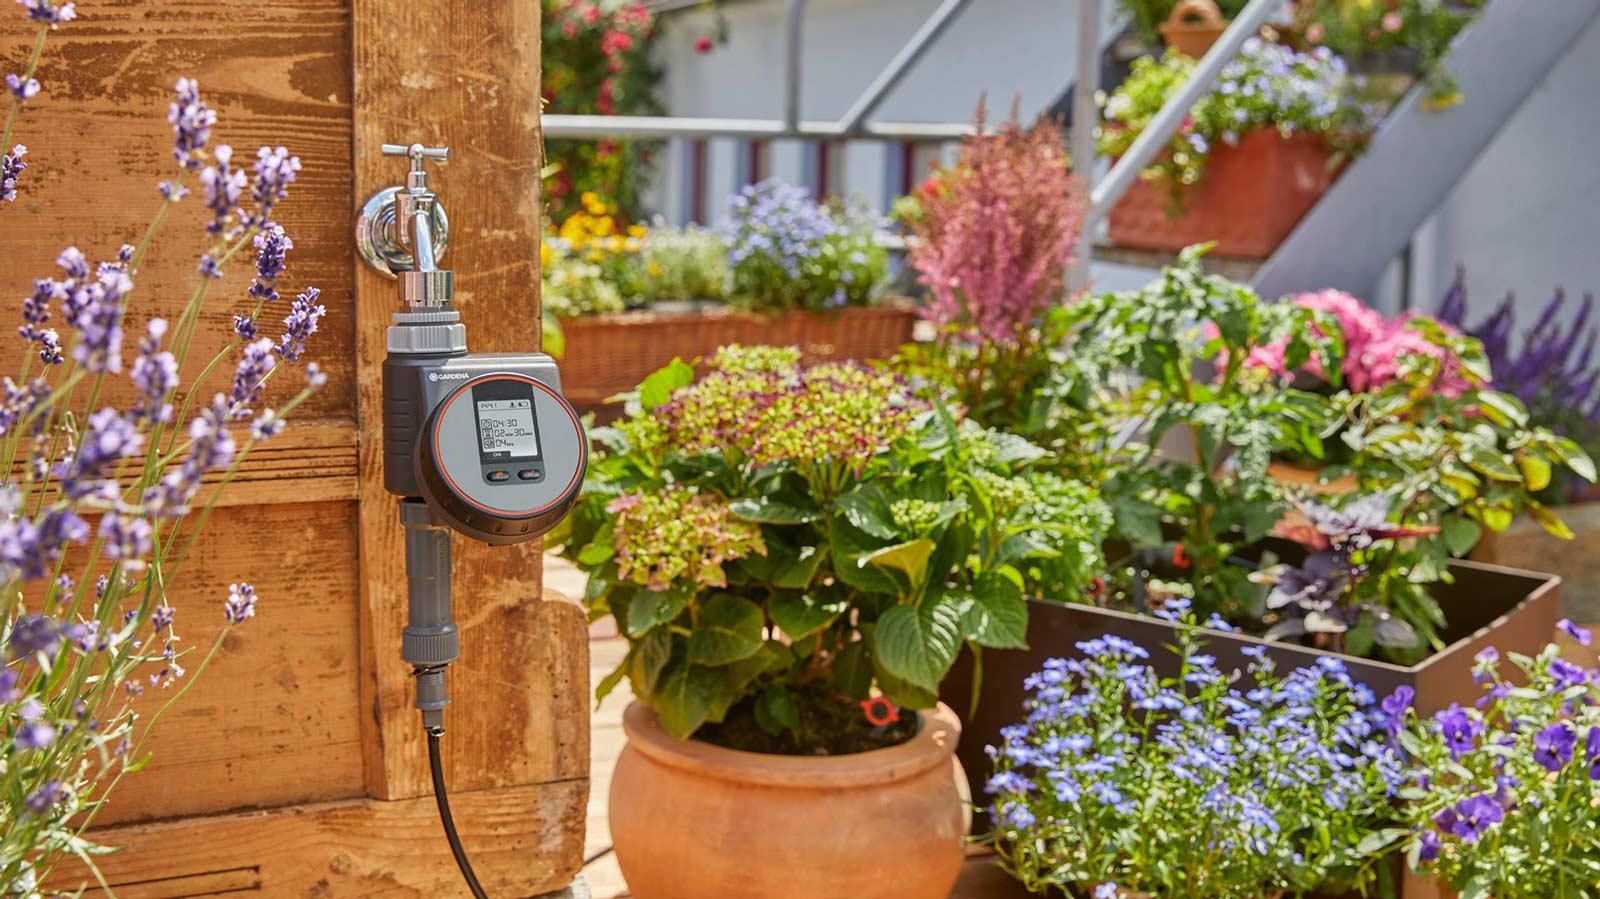 Full Size of Bewässerung Balkon Rollrasen Schirmer Gardena Bewsserung Automatische Und Smarte Bewässerungssysteme Garten Test Bewässerungssystem Automatisch Wohnzimmer Bewässerung Balkon